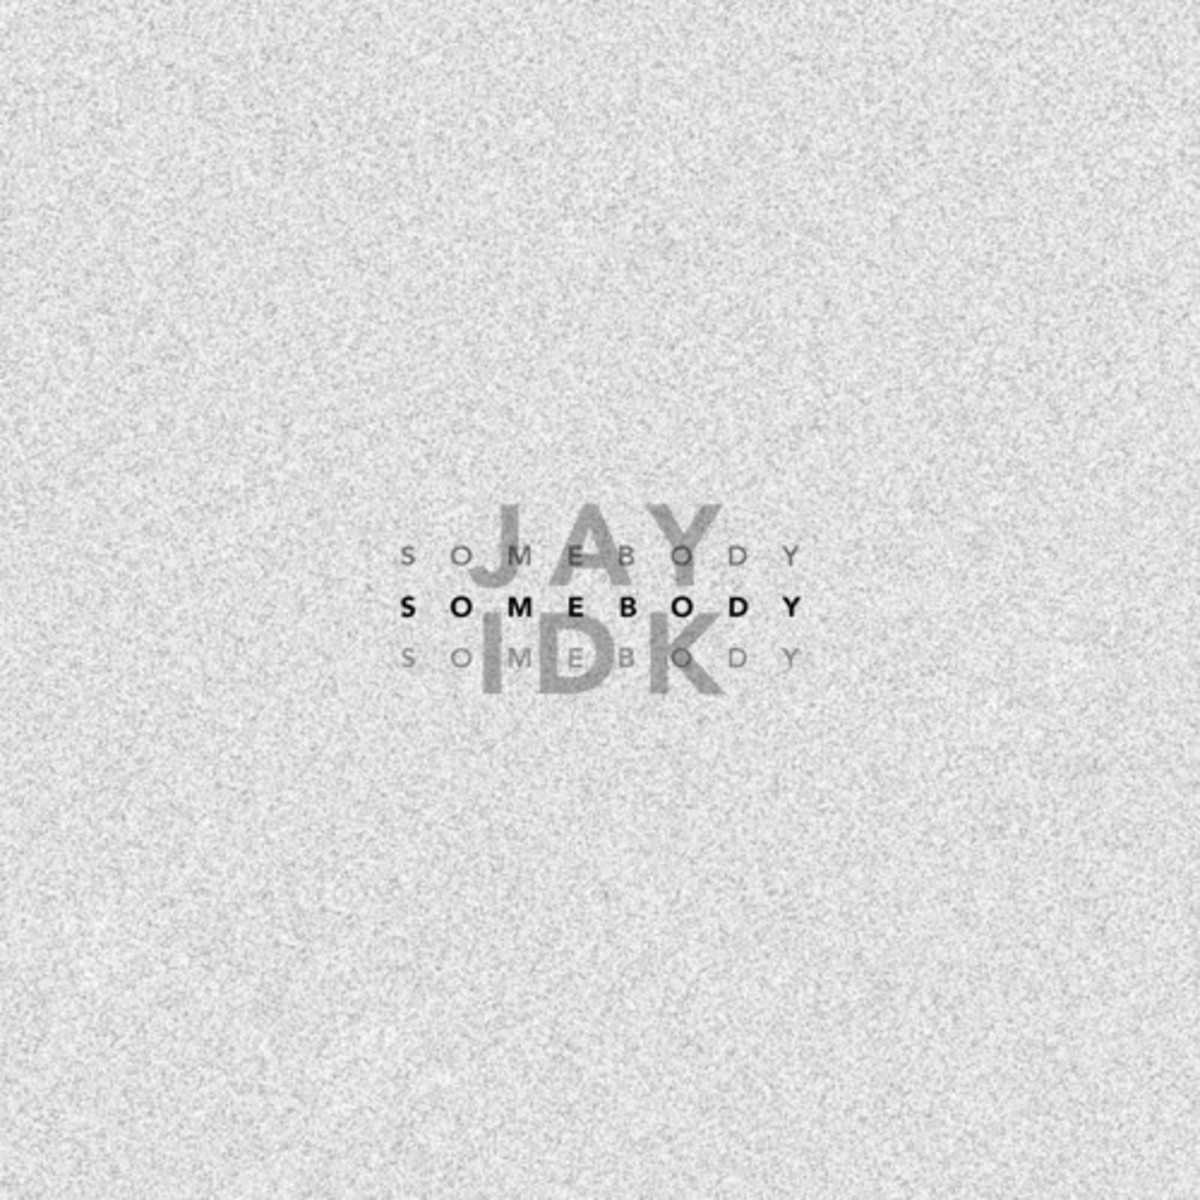 jay-idk-somebody.jpg